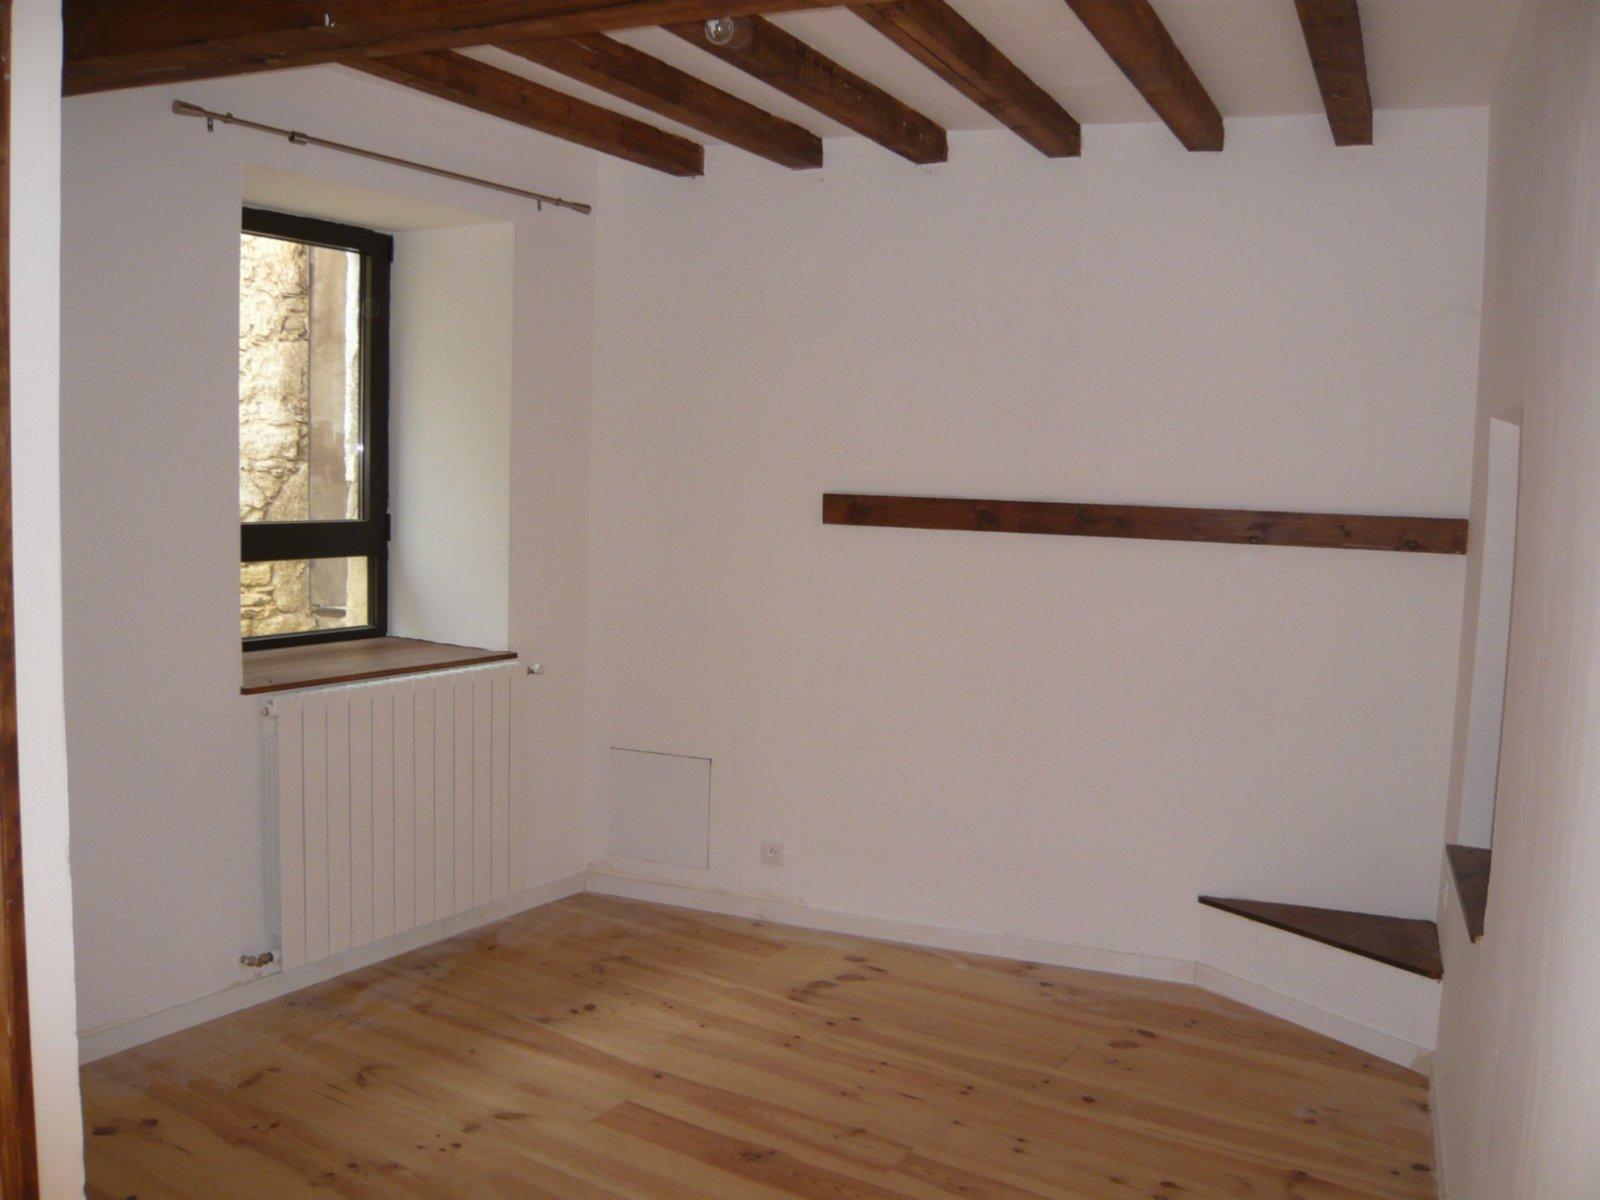 Maison avec cour intérieure